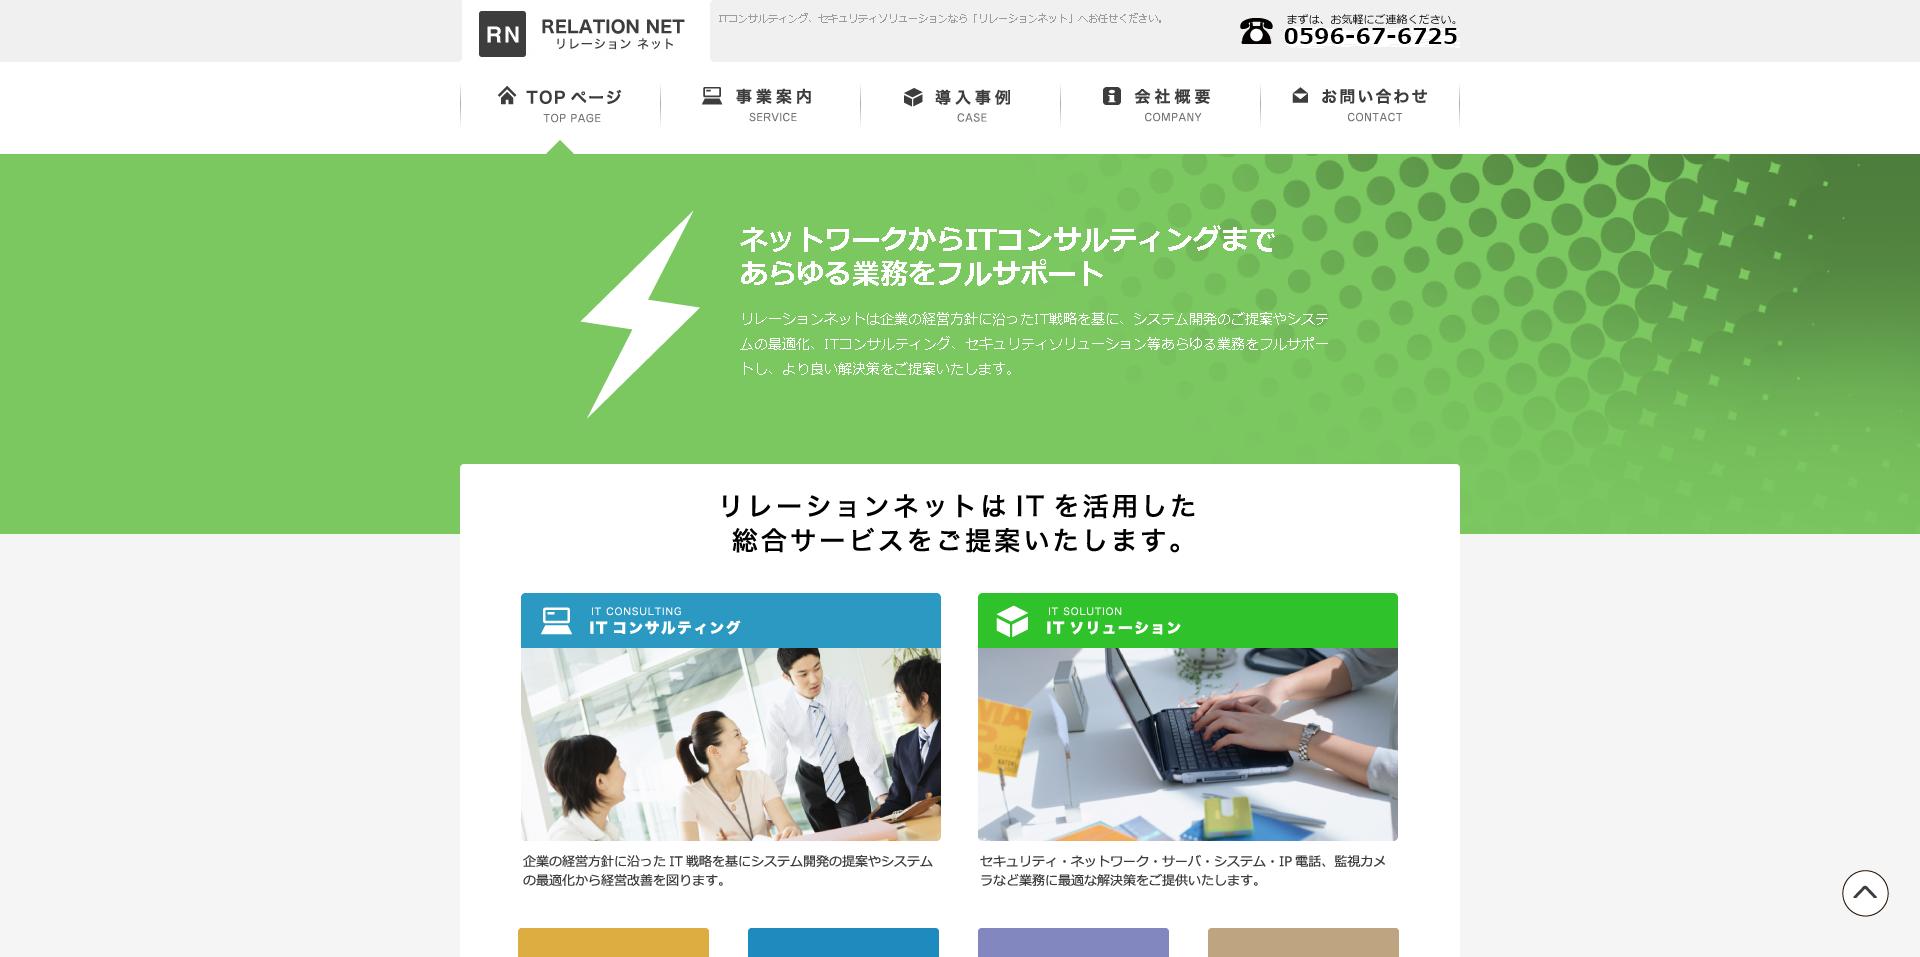 relation-net_top